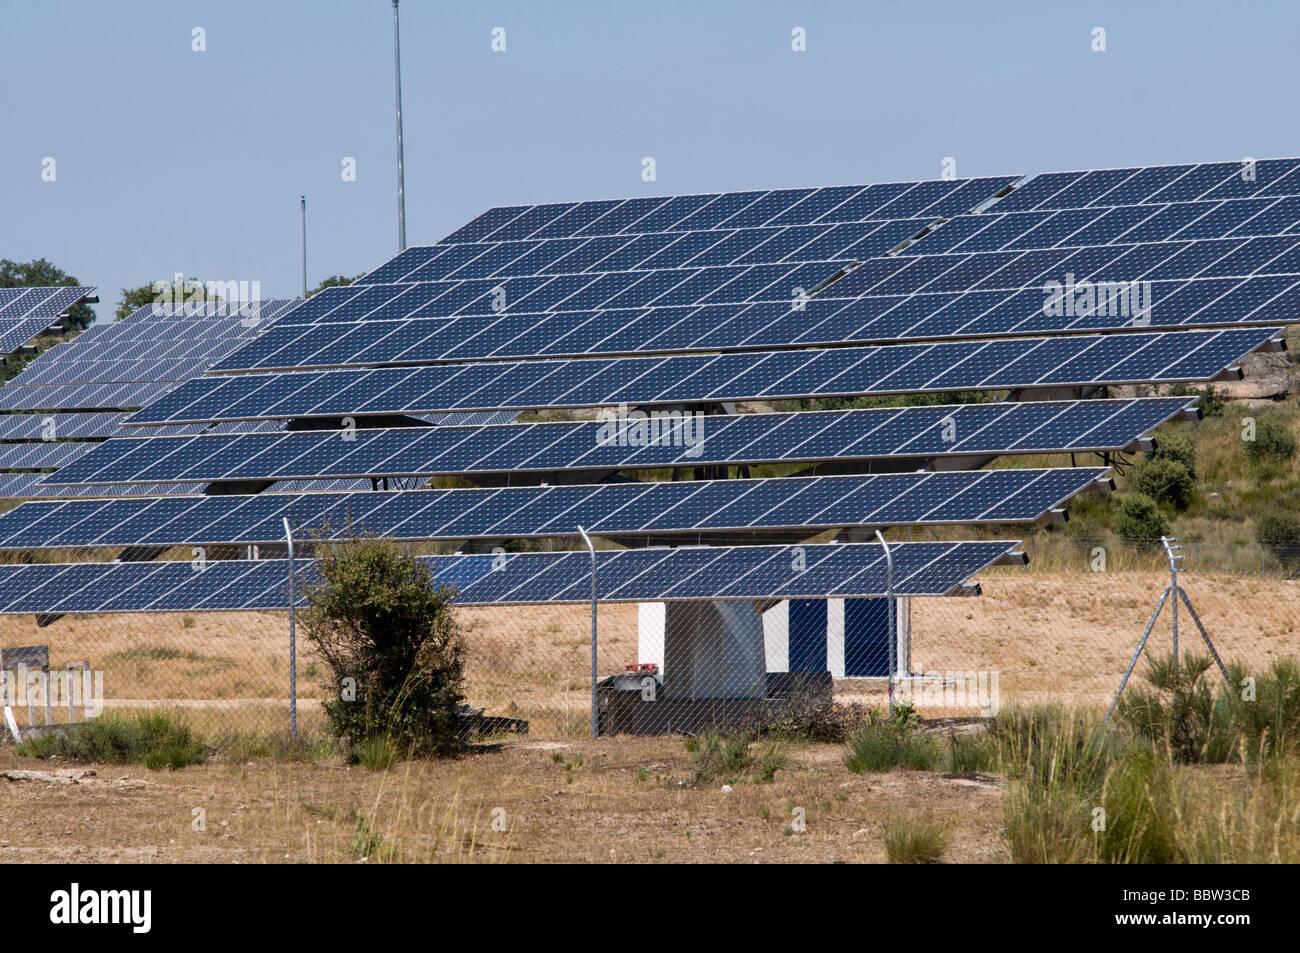 Centre de l'énergie solaire dans la province de Zamora, Espagne Photo Stock